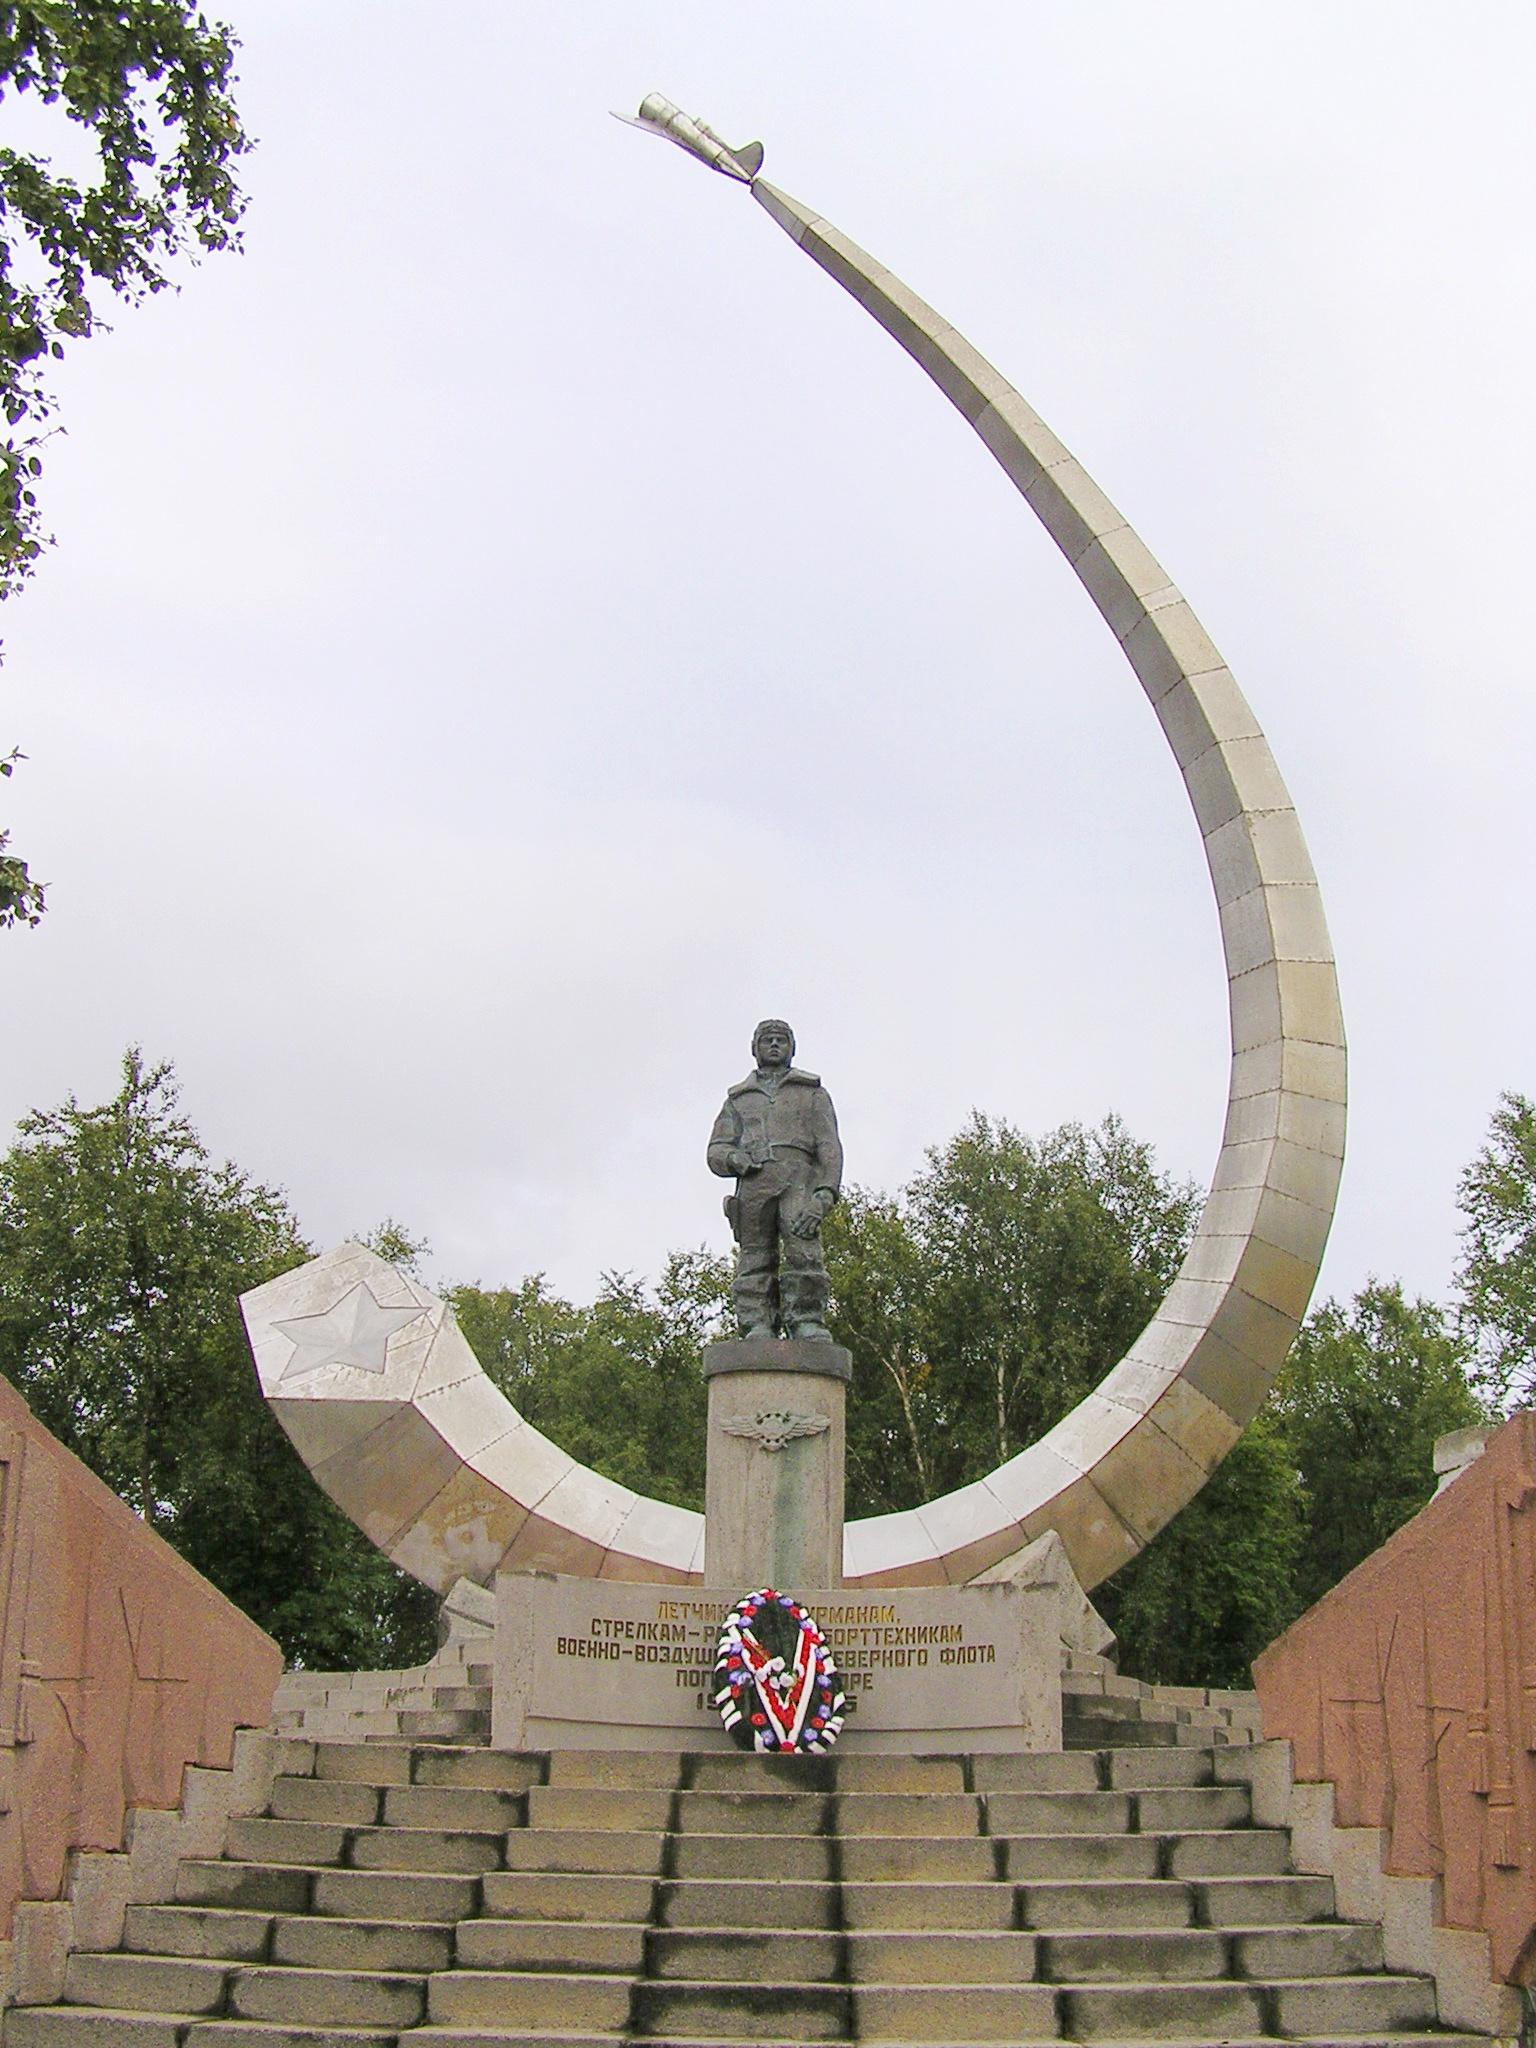 Мемориал авиаторам-североморцам, погибшим в море. Открыт 17 августа 1986 года в пос. Сафоново. Скульптор Э.И. Китайчук.